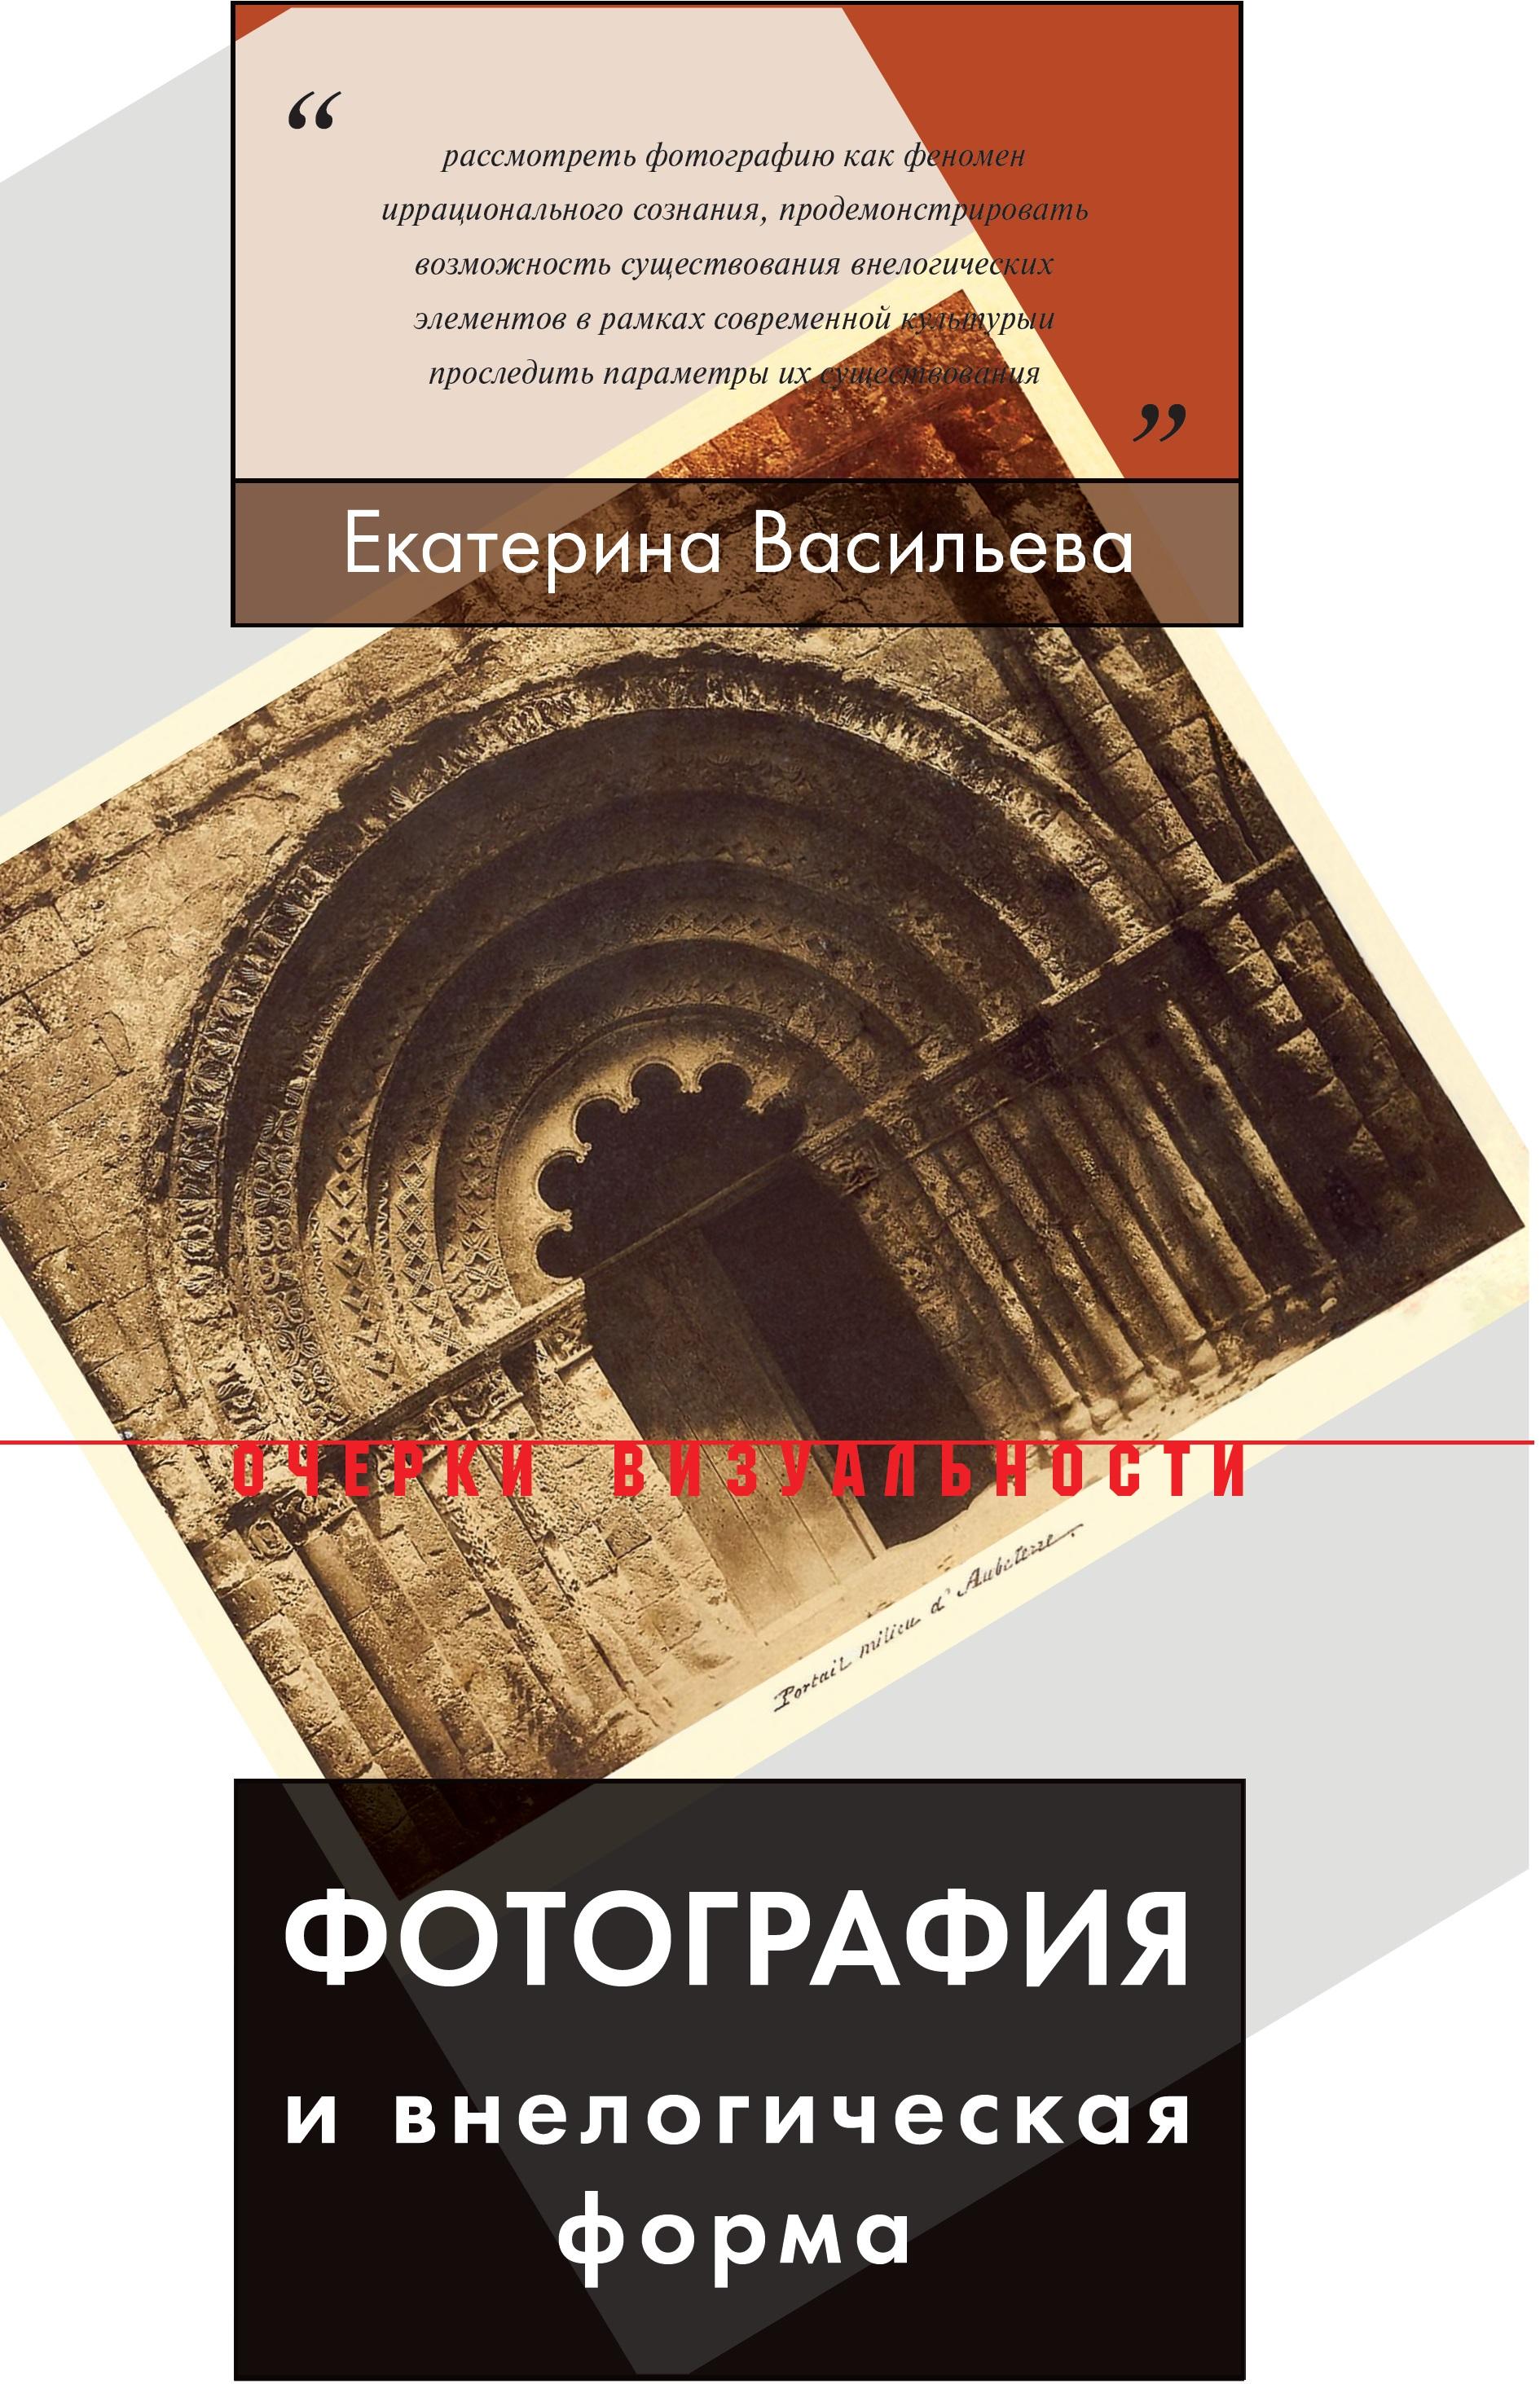 Купить книгу Фотография и внелогическая форма, автора Екатерины Васильевой